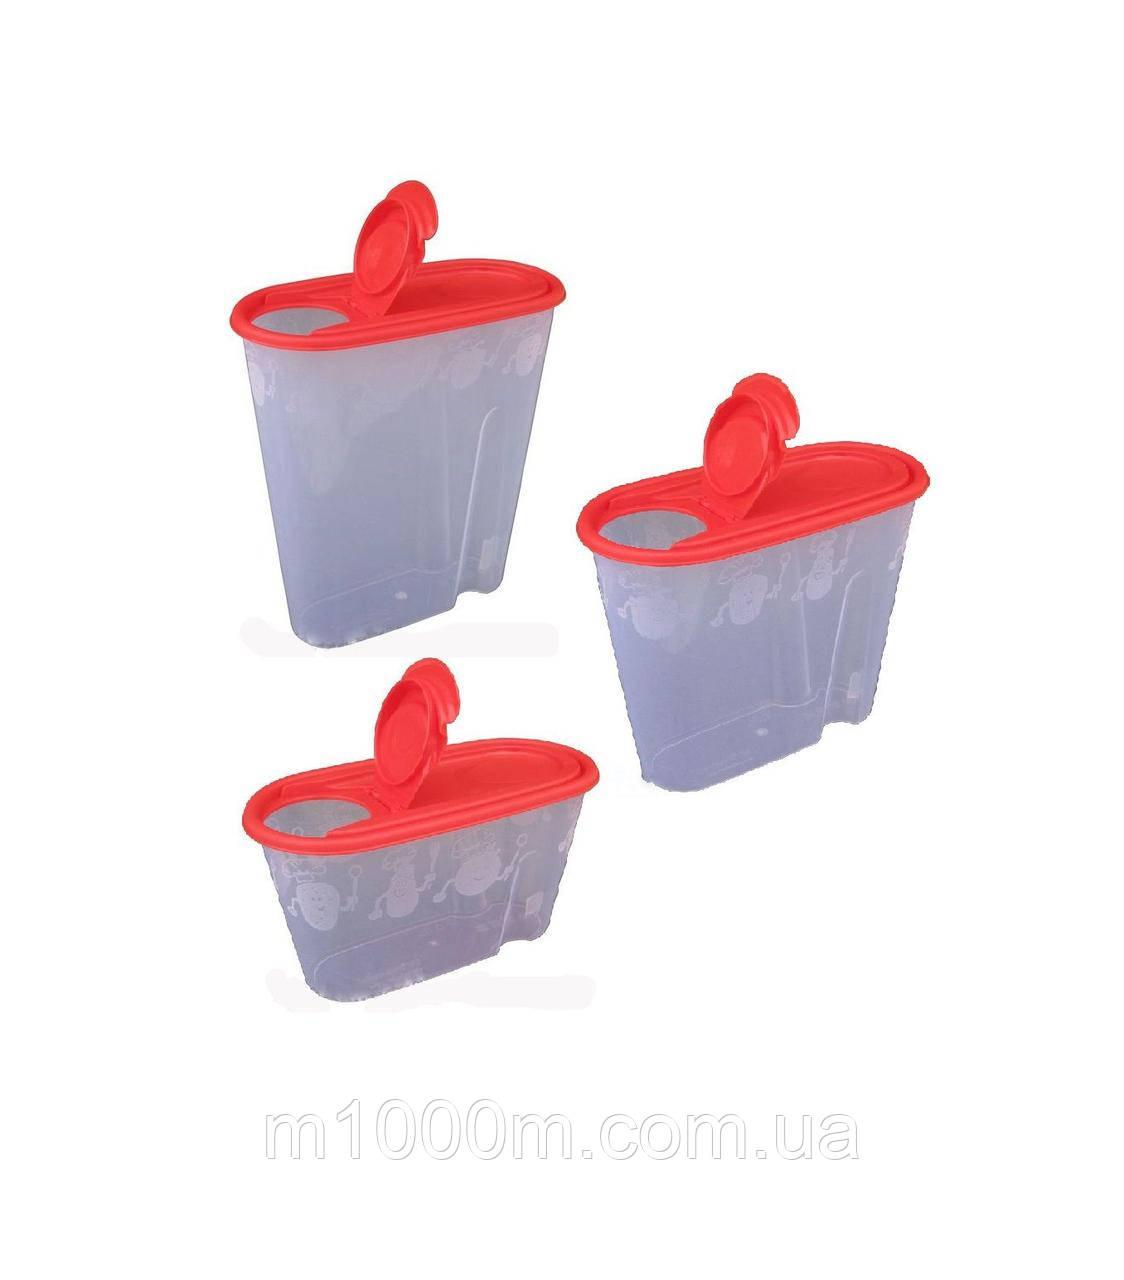 Прозрачный контейнер для сыпучих продуктов с крышкой клапаном